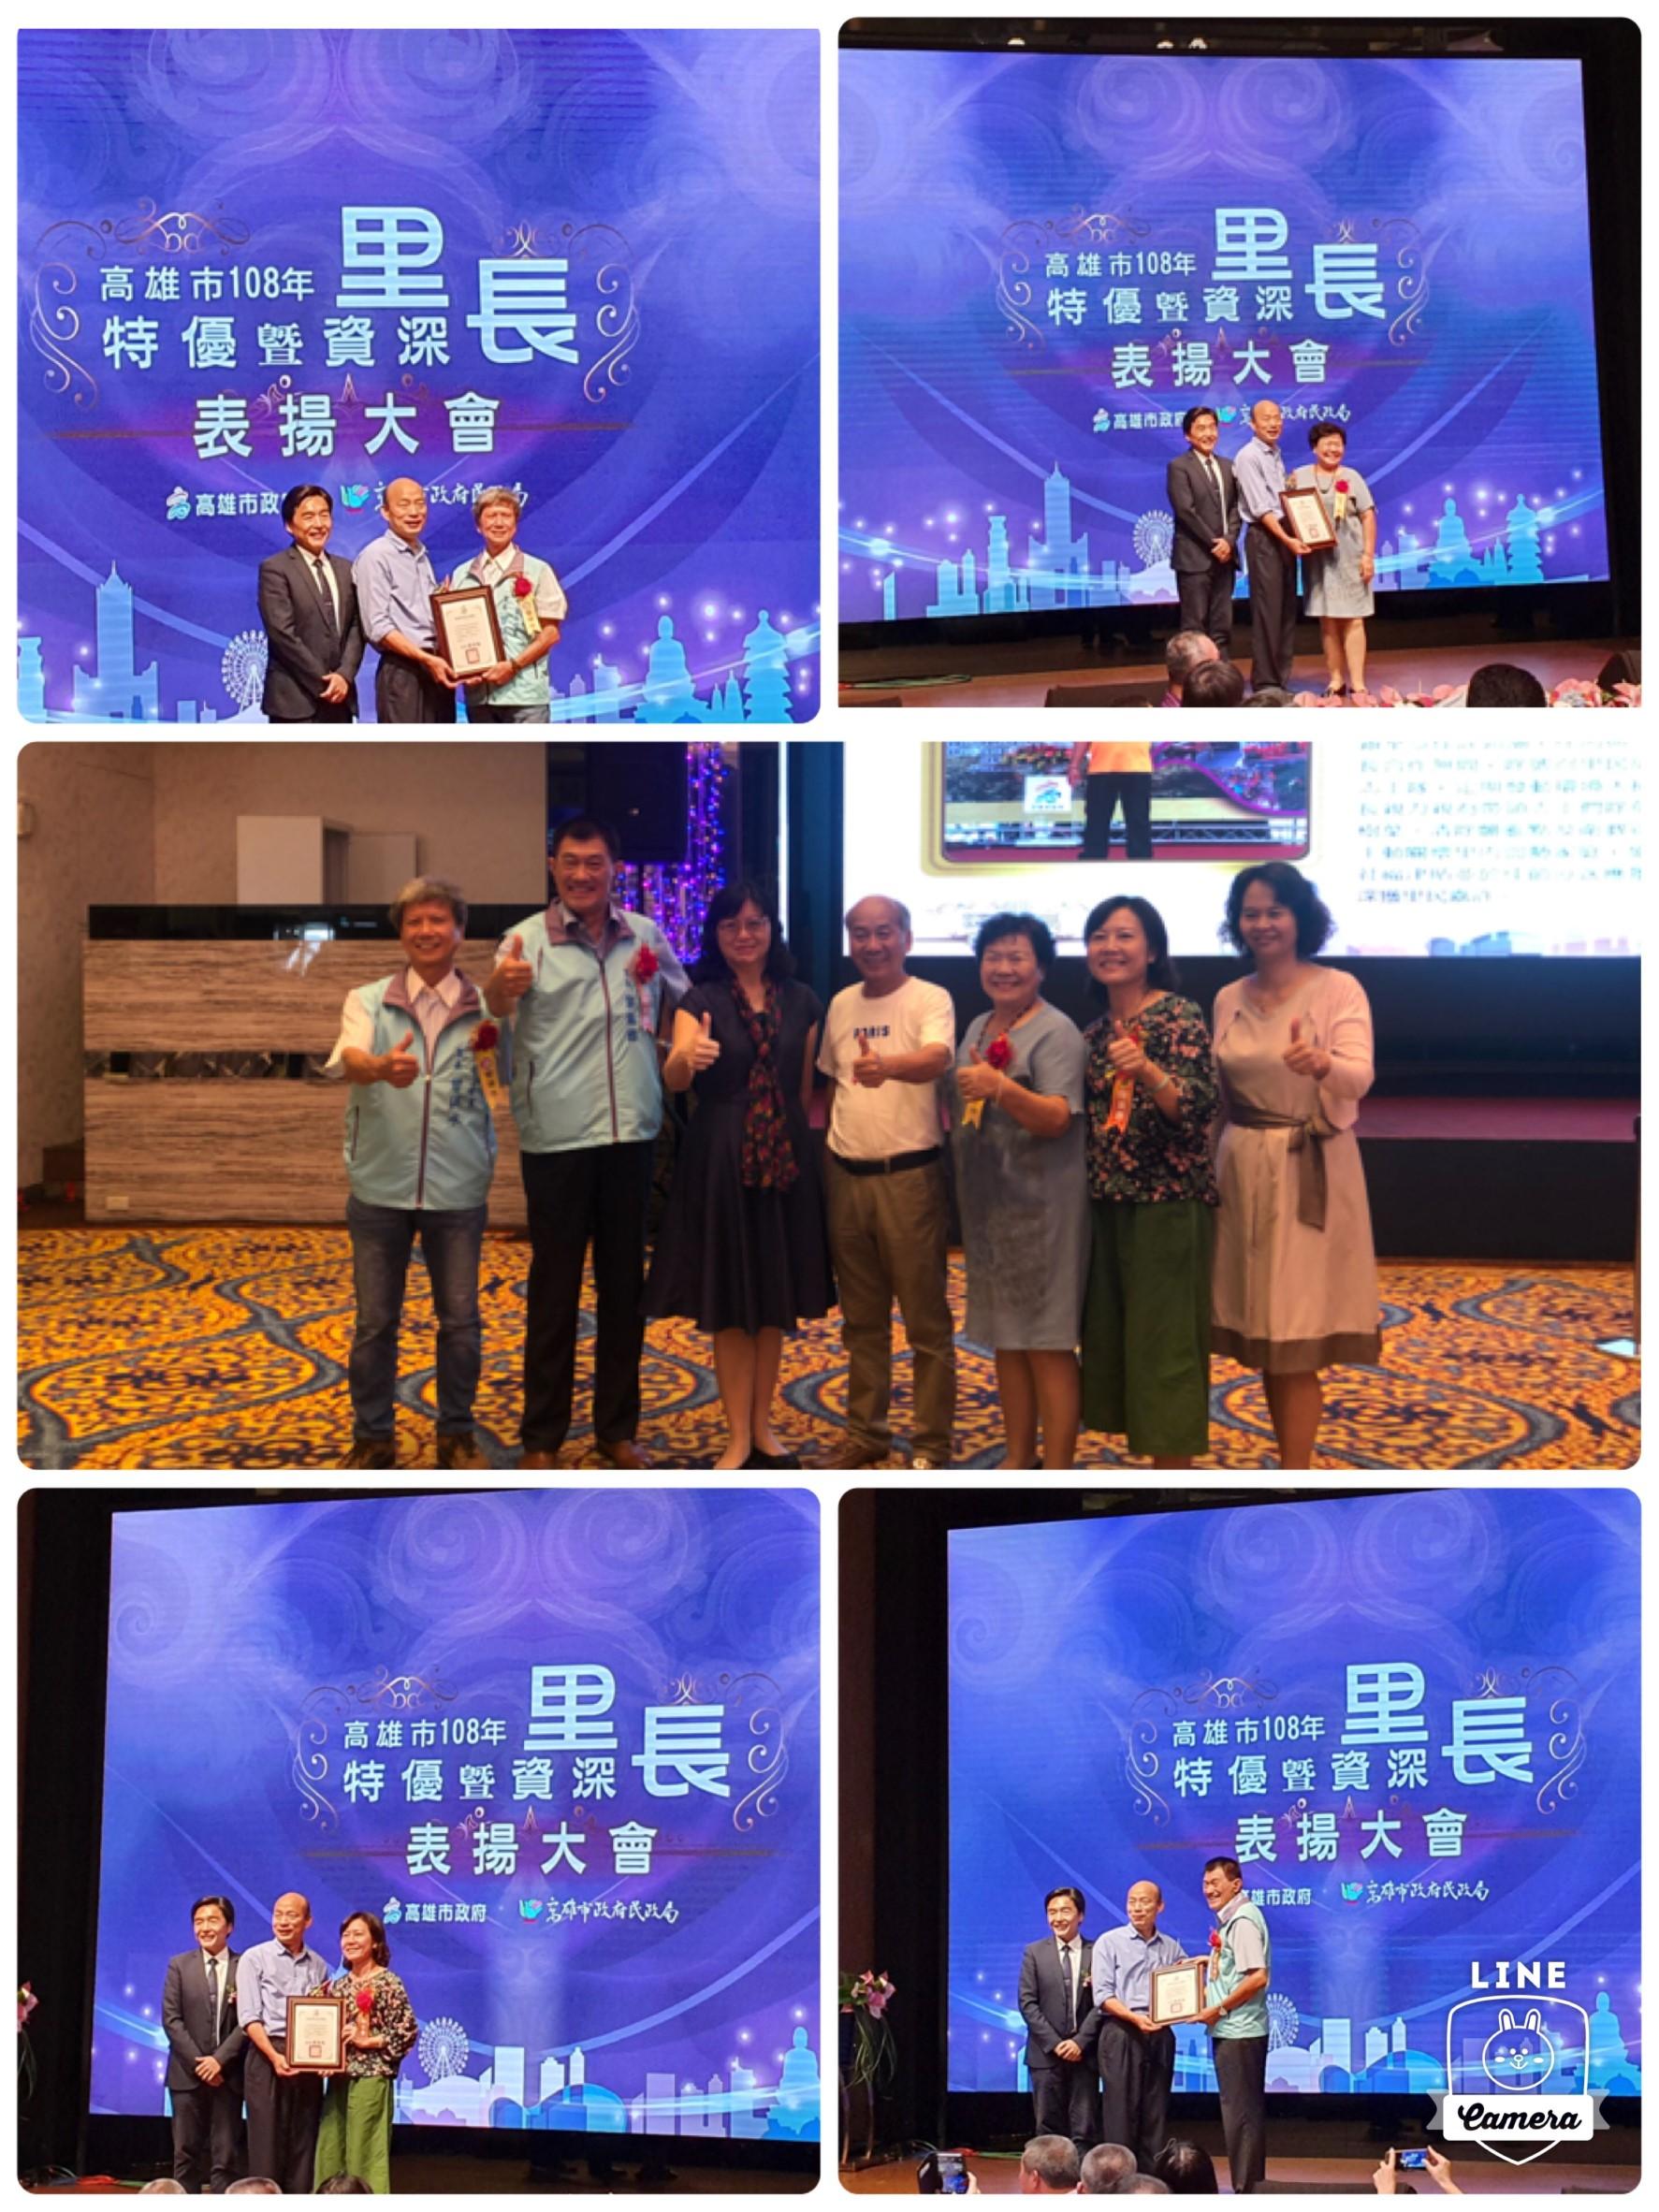 高雄市108年特優暨資深里長表揚大會,獲獎里長歡喜出席領獎。